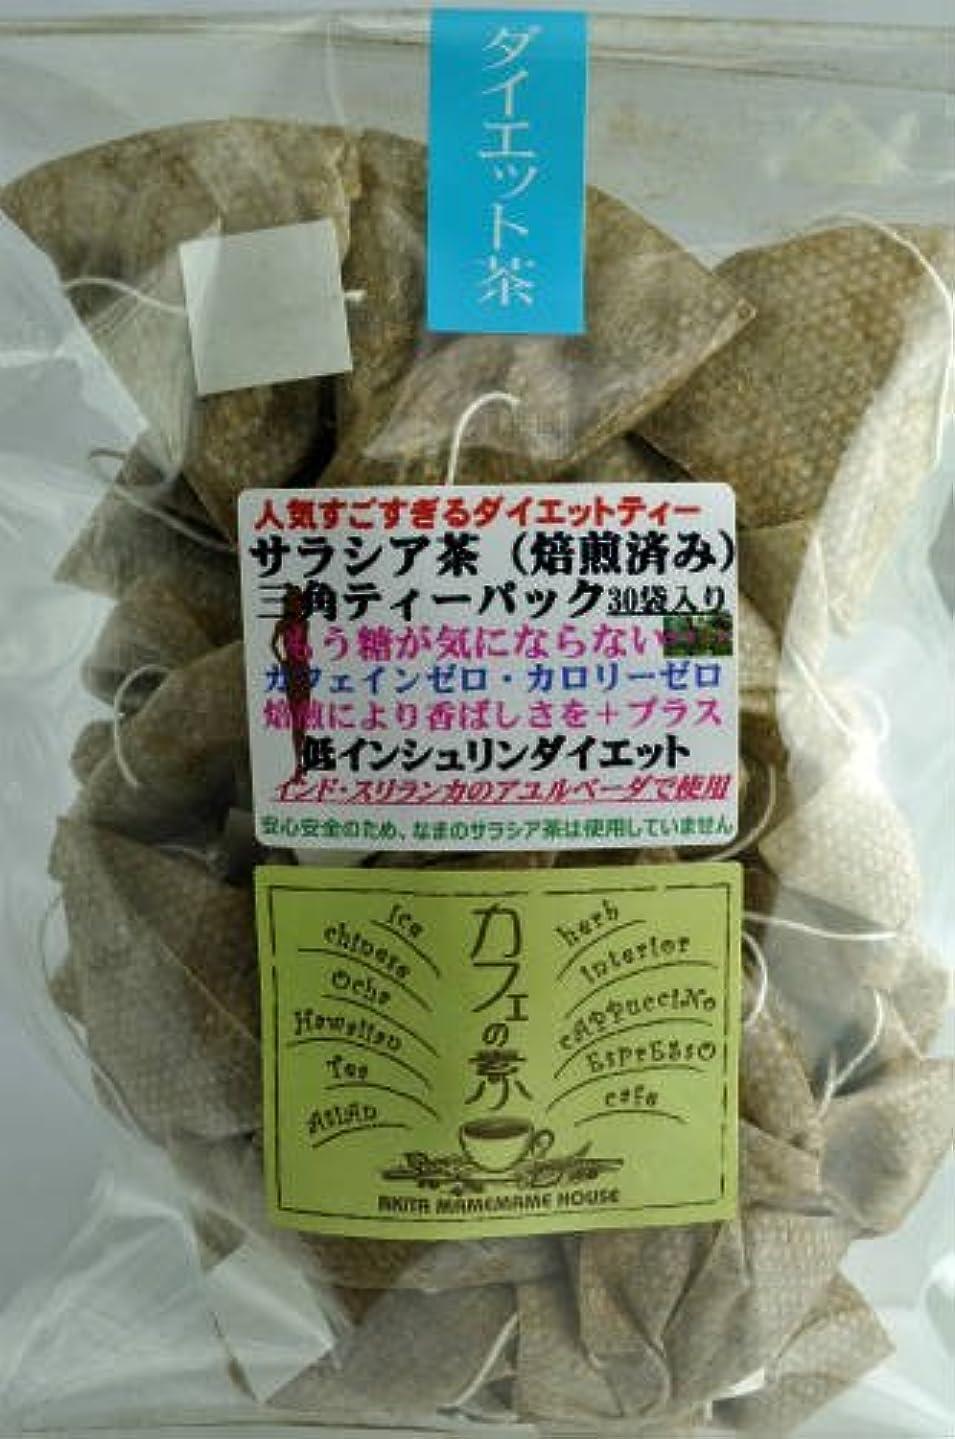 ピニオンはがき出来事ダイエットサラシア茶(焙煎済み)三角ティーパック【2.5g×30個入り】